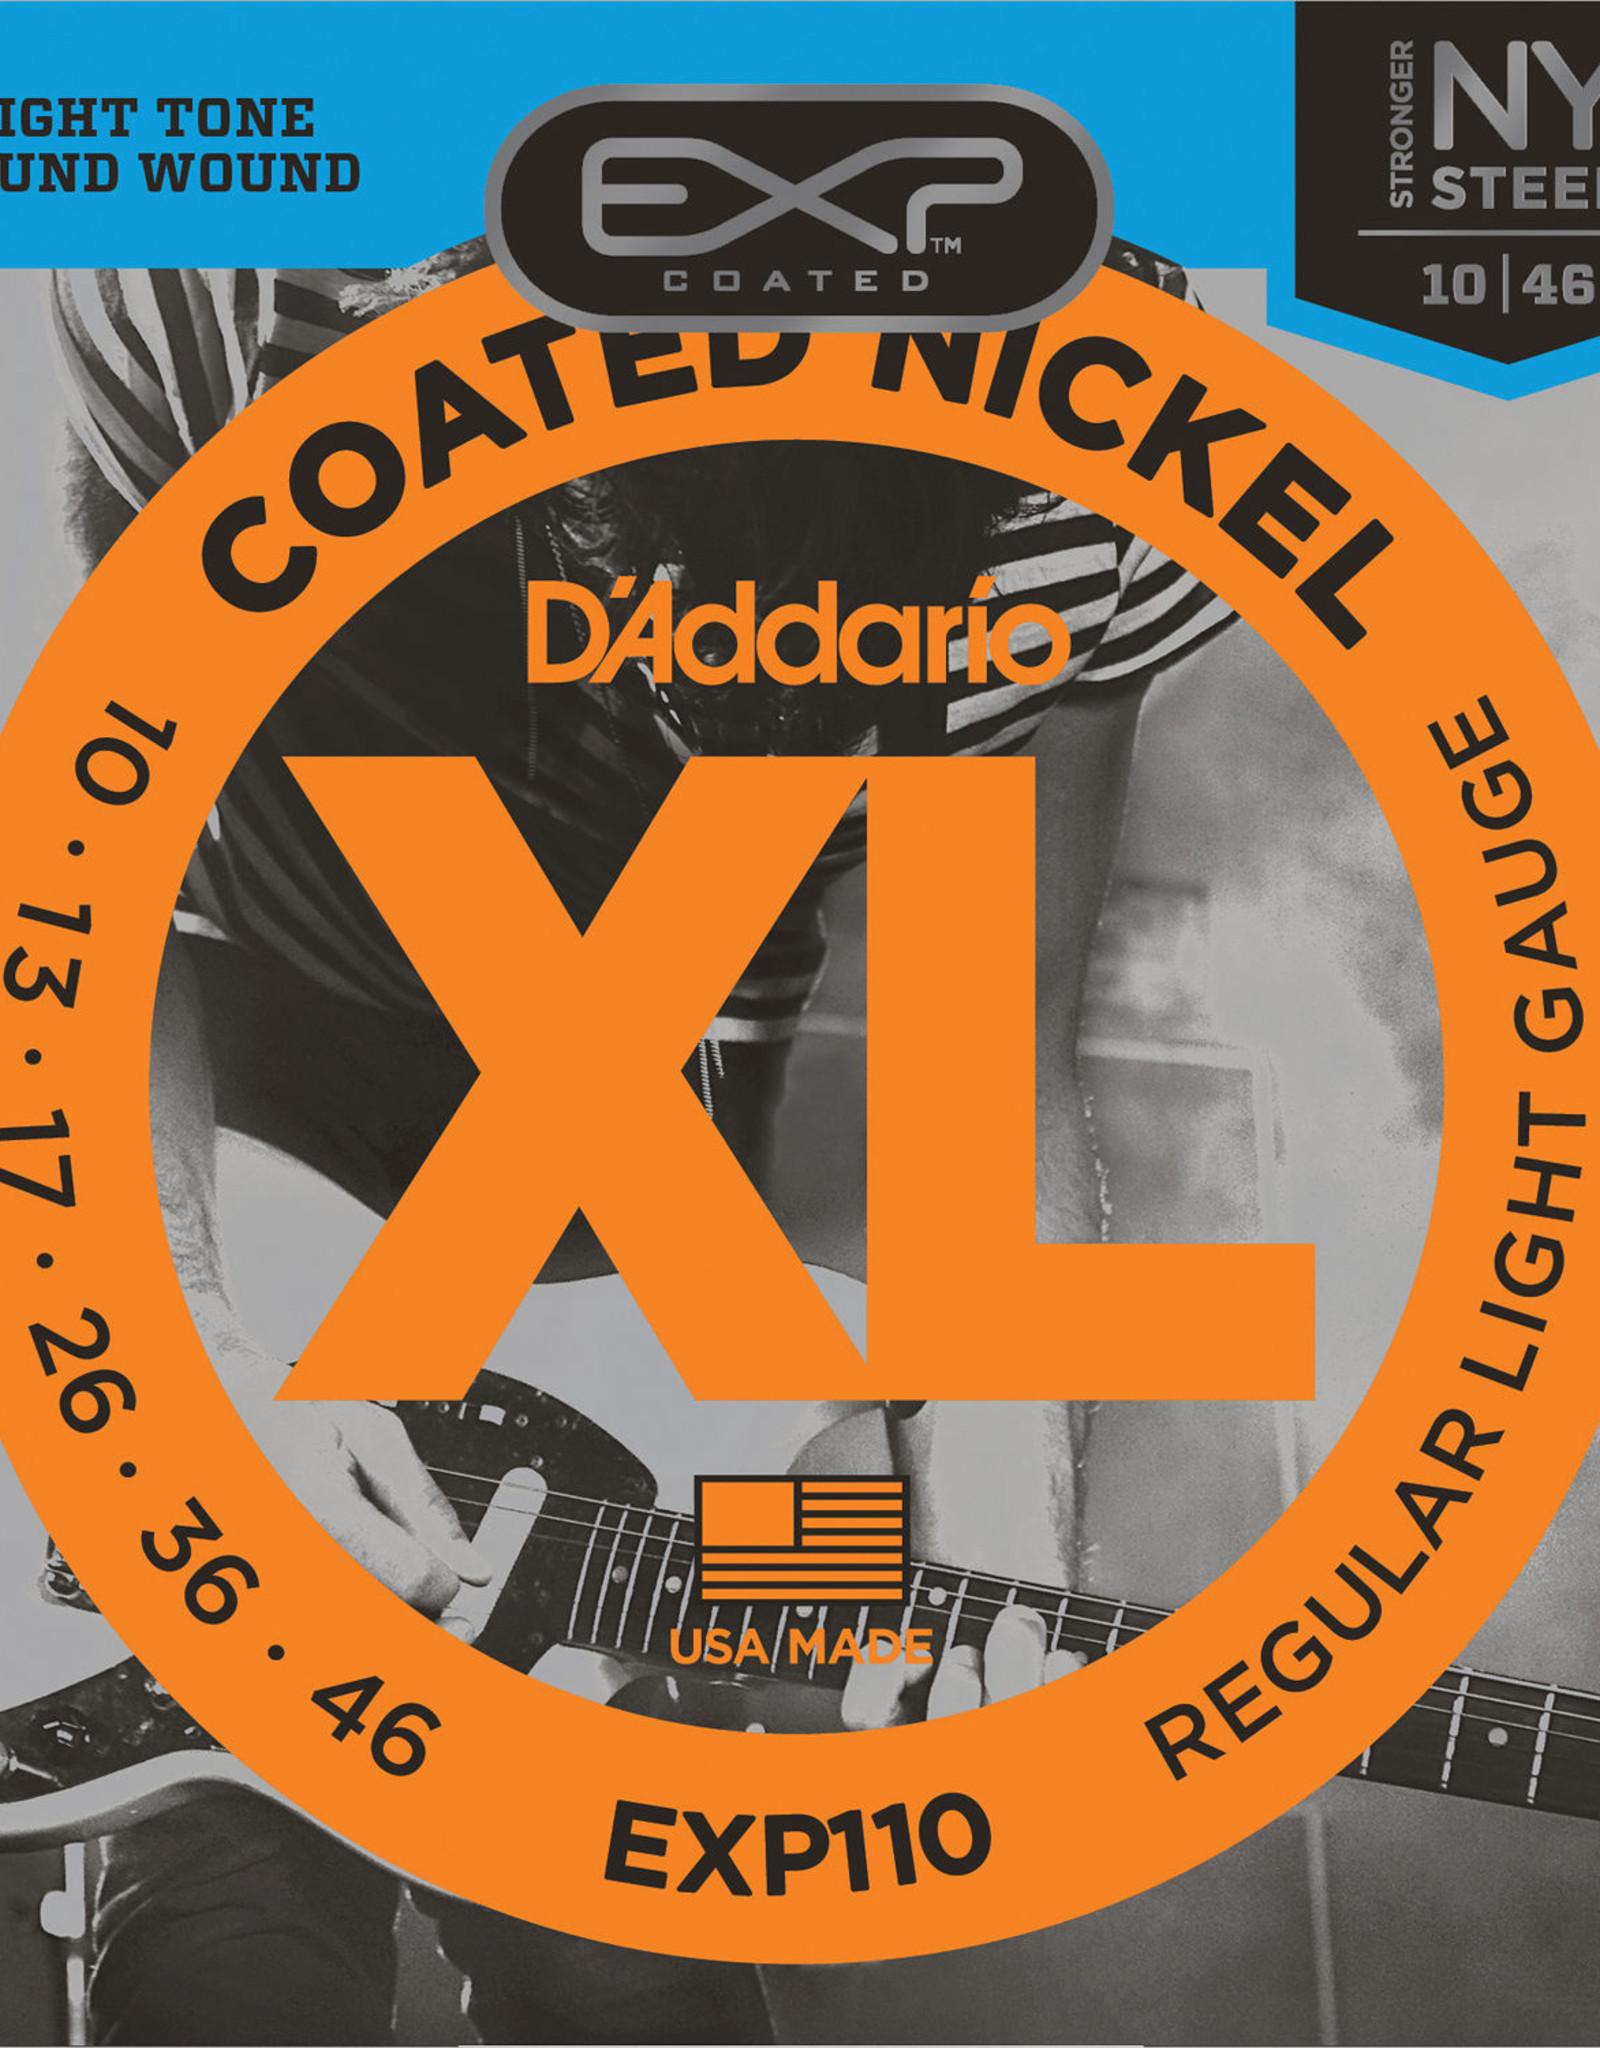 D'Addario D'Addario EXP110, 10-46 Coated Electric Guitar Strings Regular Light